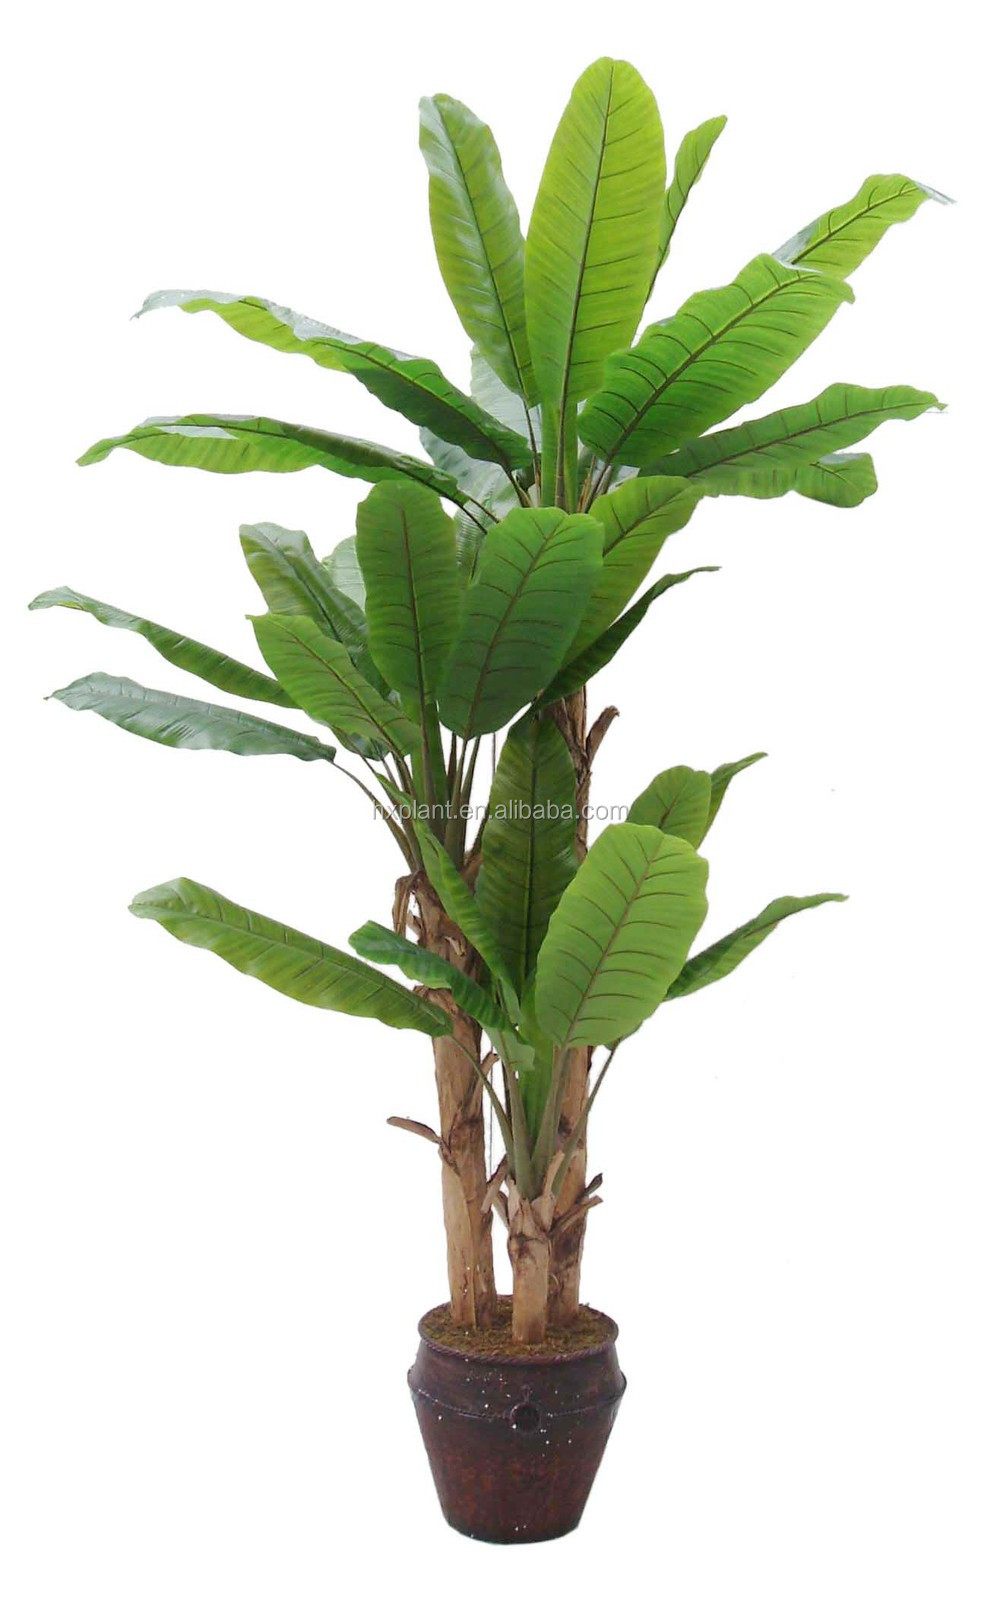 Vaso de planta artificial com a apple apple plantas em vasos de pl stico falso decora o vasos e - Comment planter un bananier ...